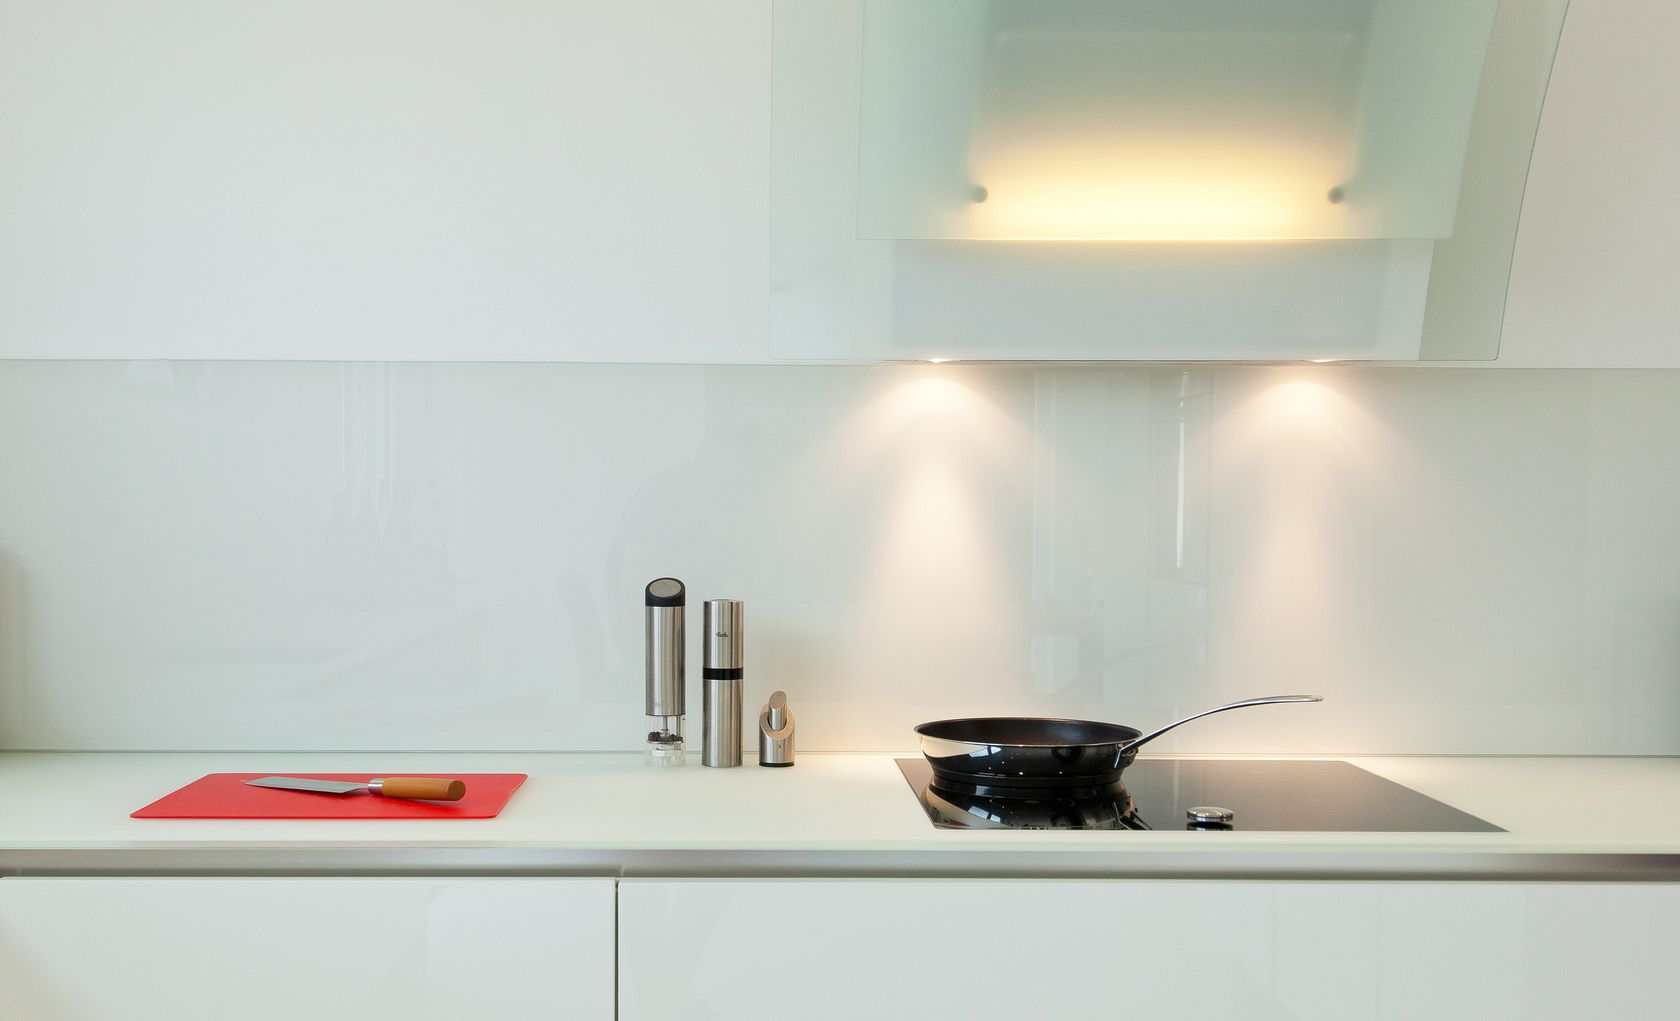 Full Size of Kchenbeleuchtung Das Optimale Licht Und Lampen Fr Kche Wohnzimmer Küchenlampen